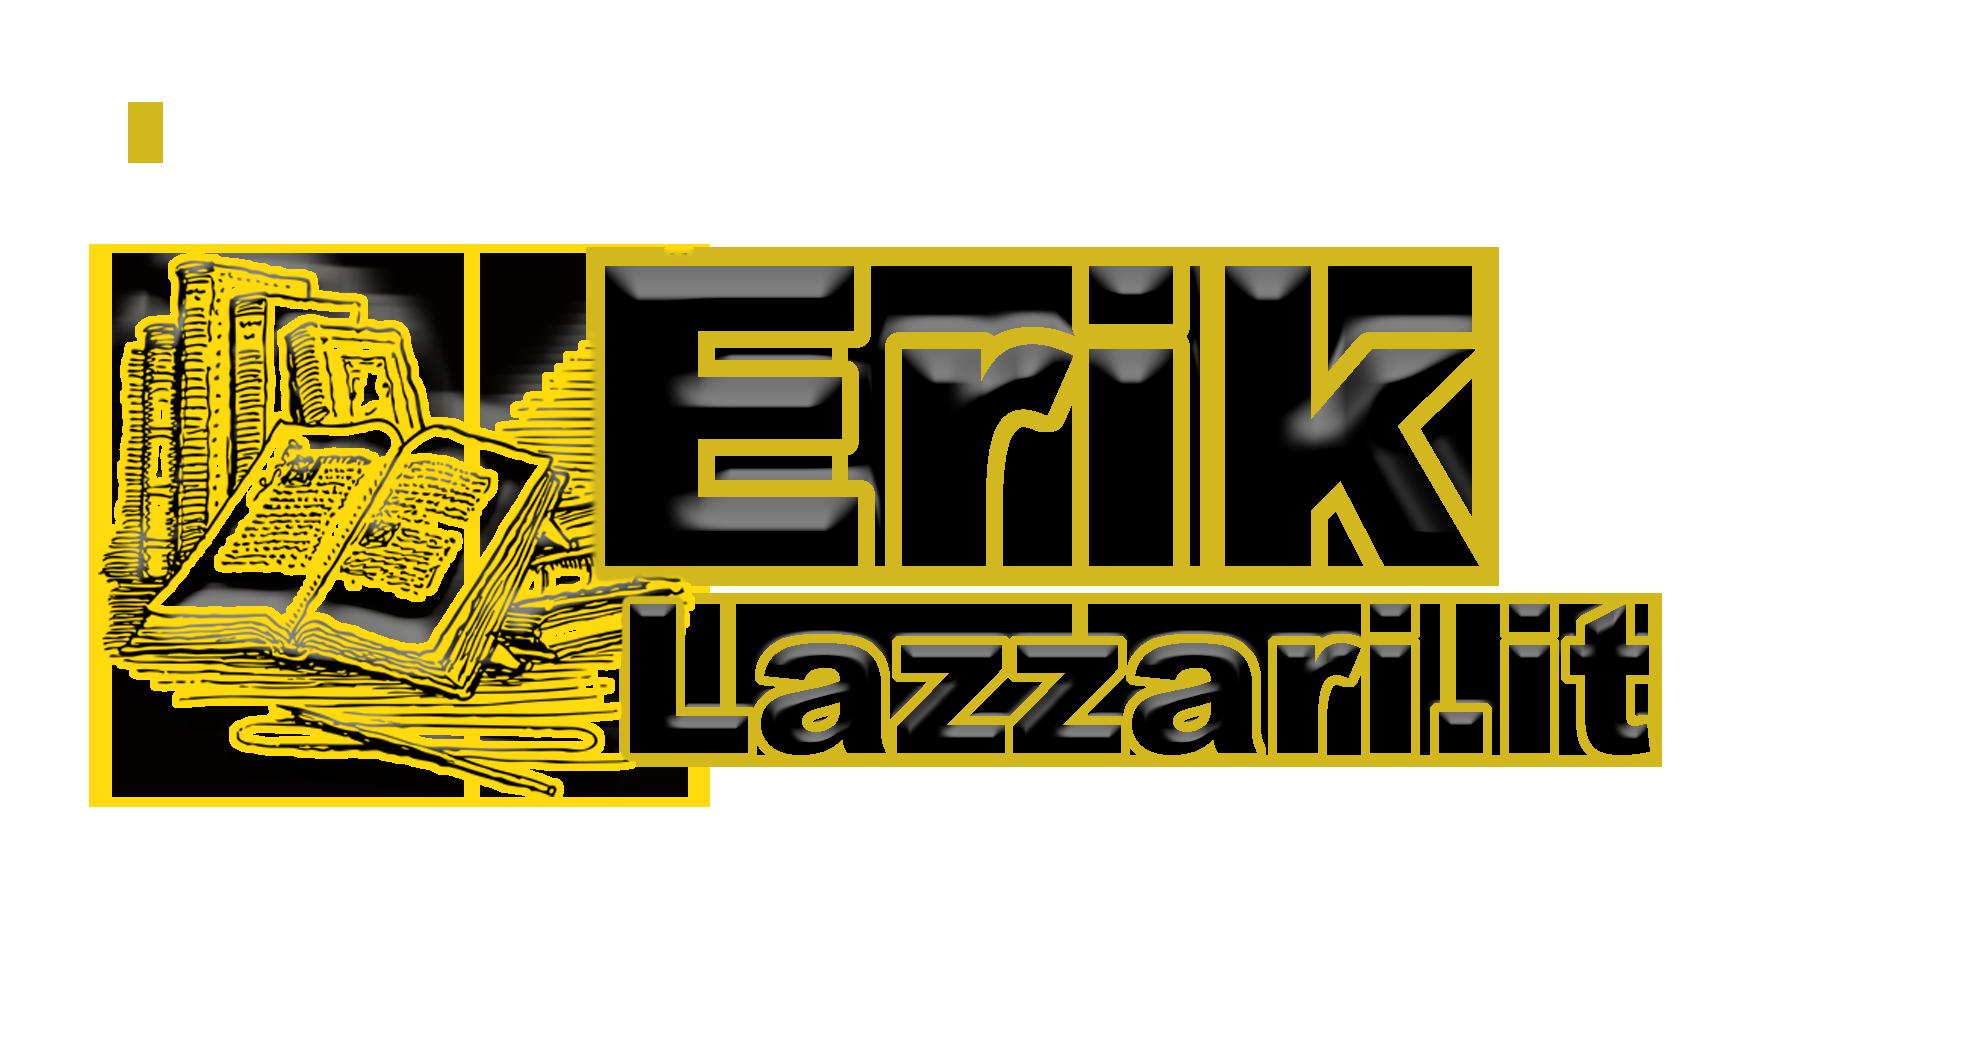 Erik Lazzari